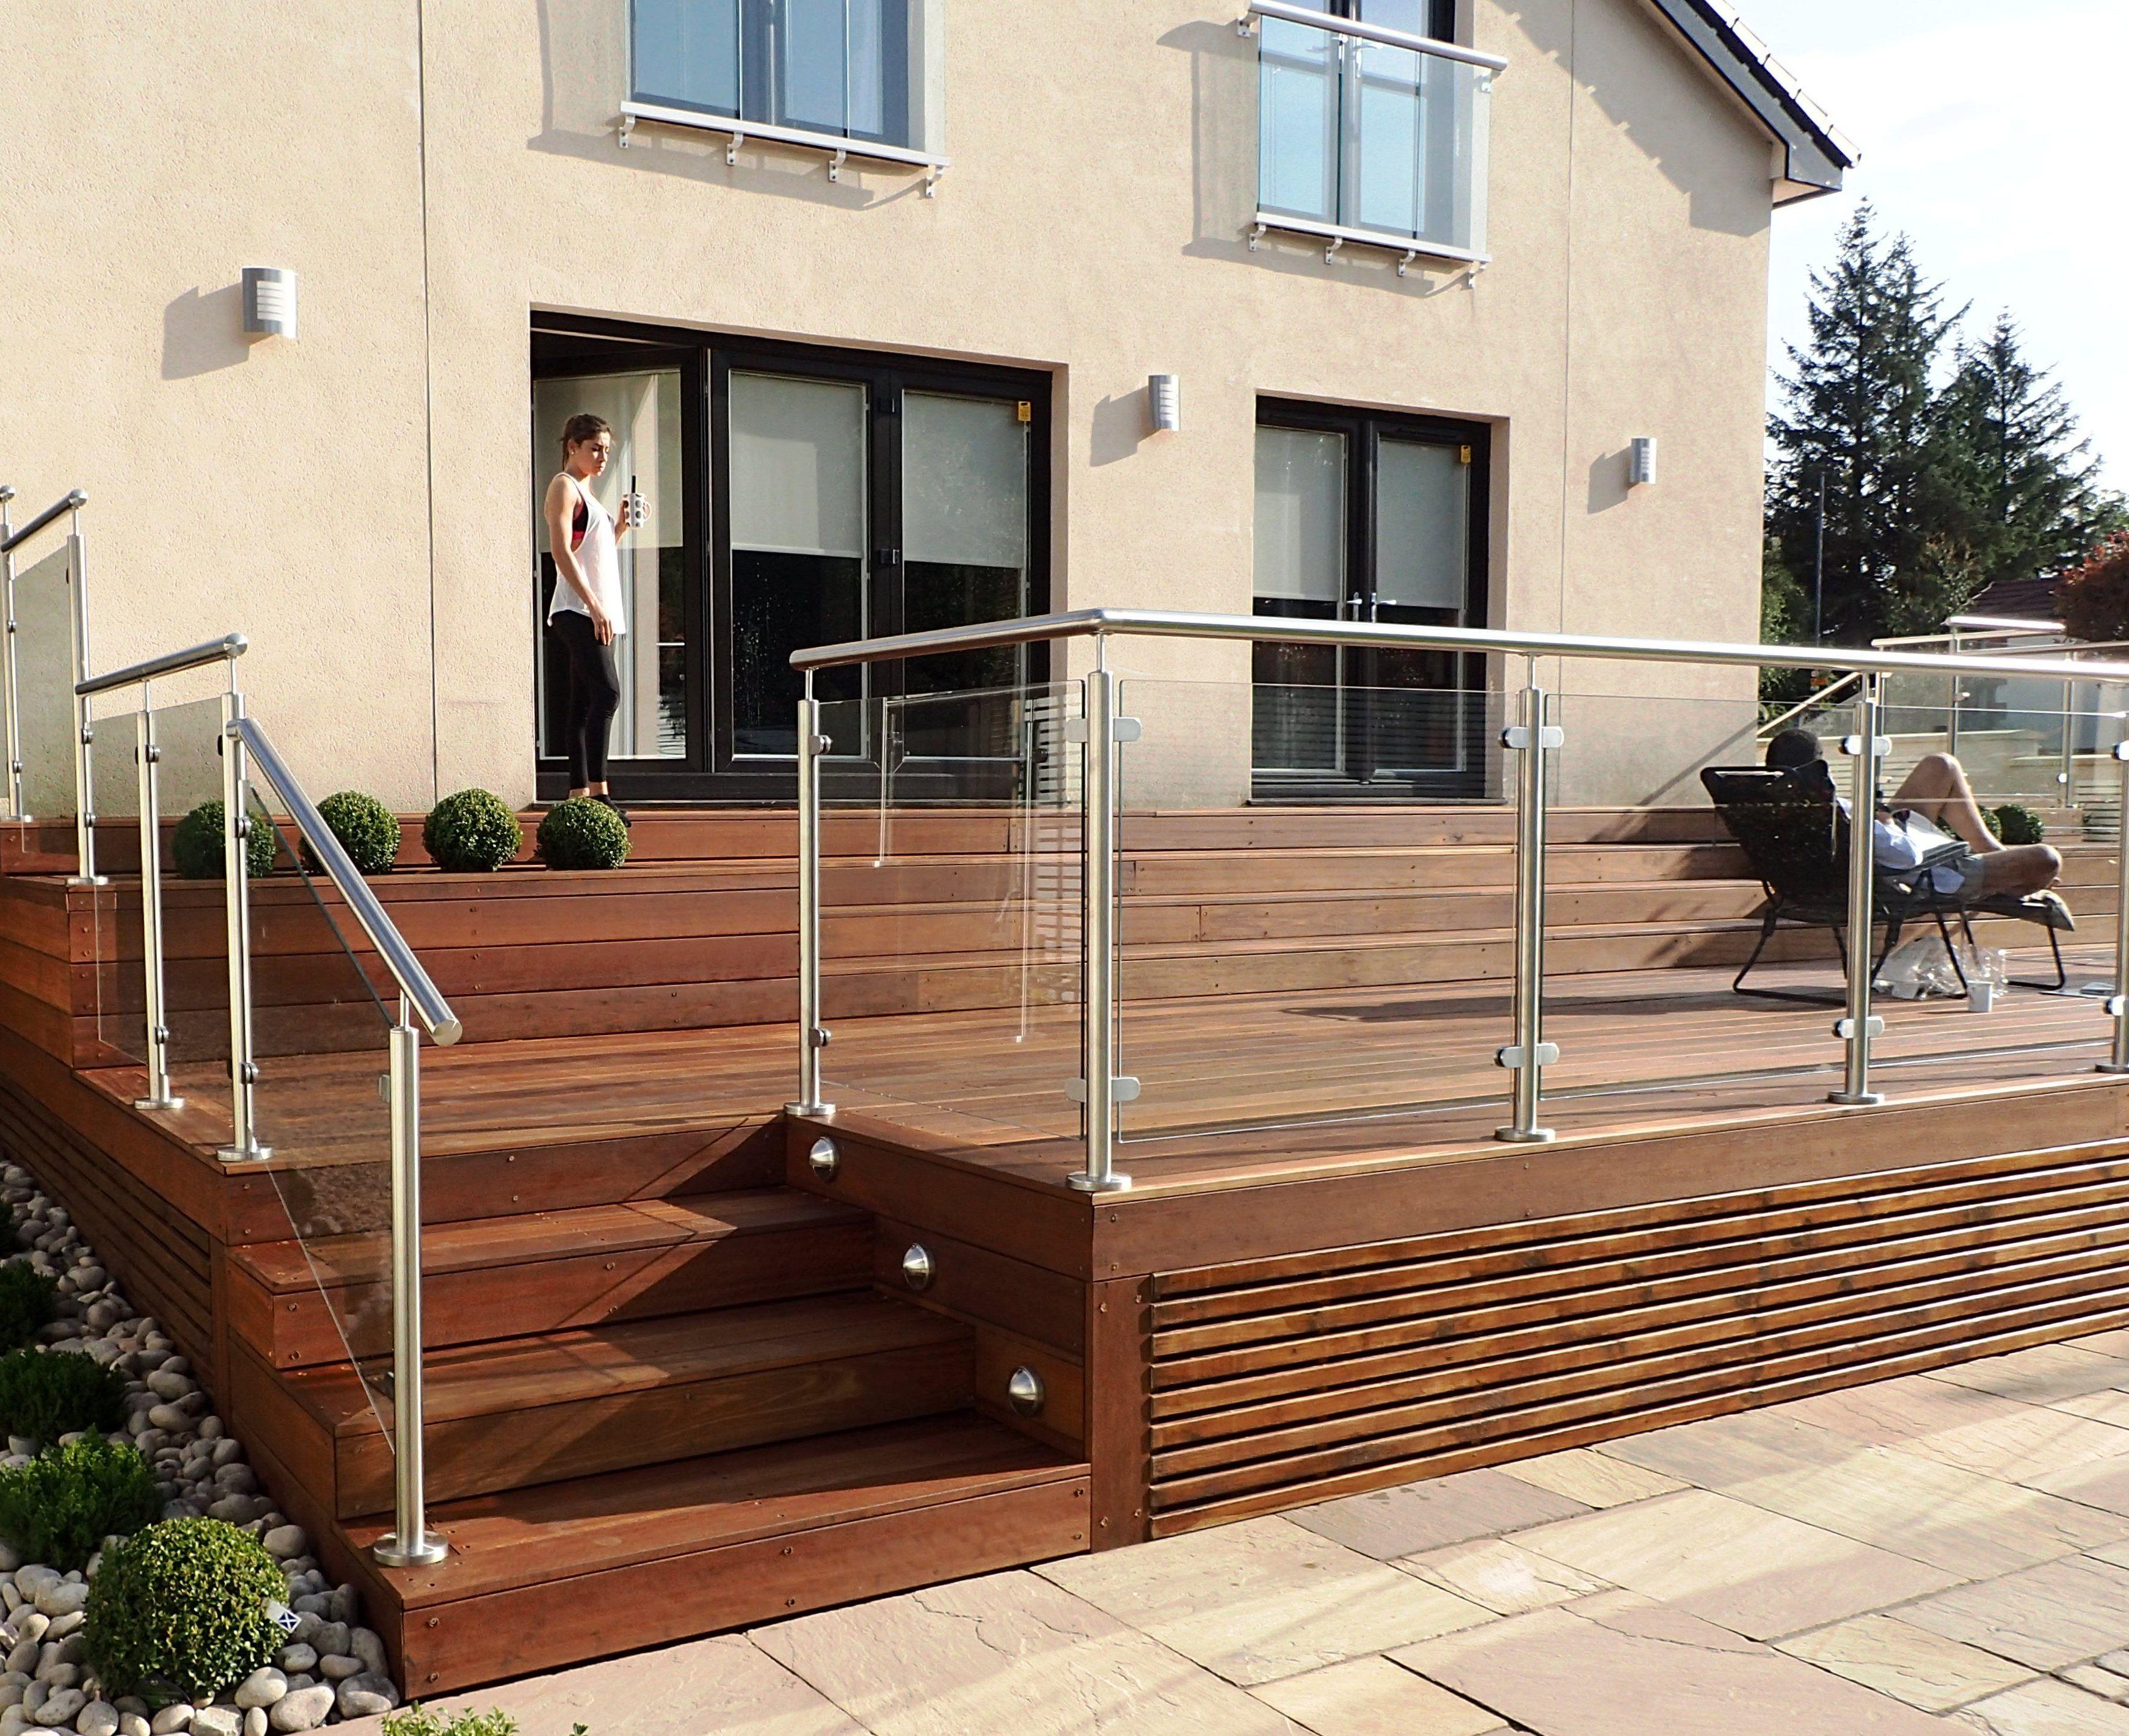 Rooftop Terrace Design Balconies